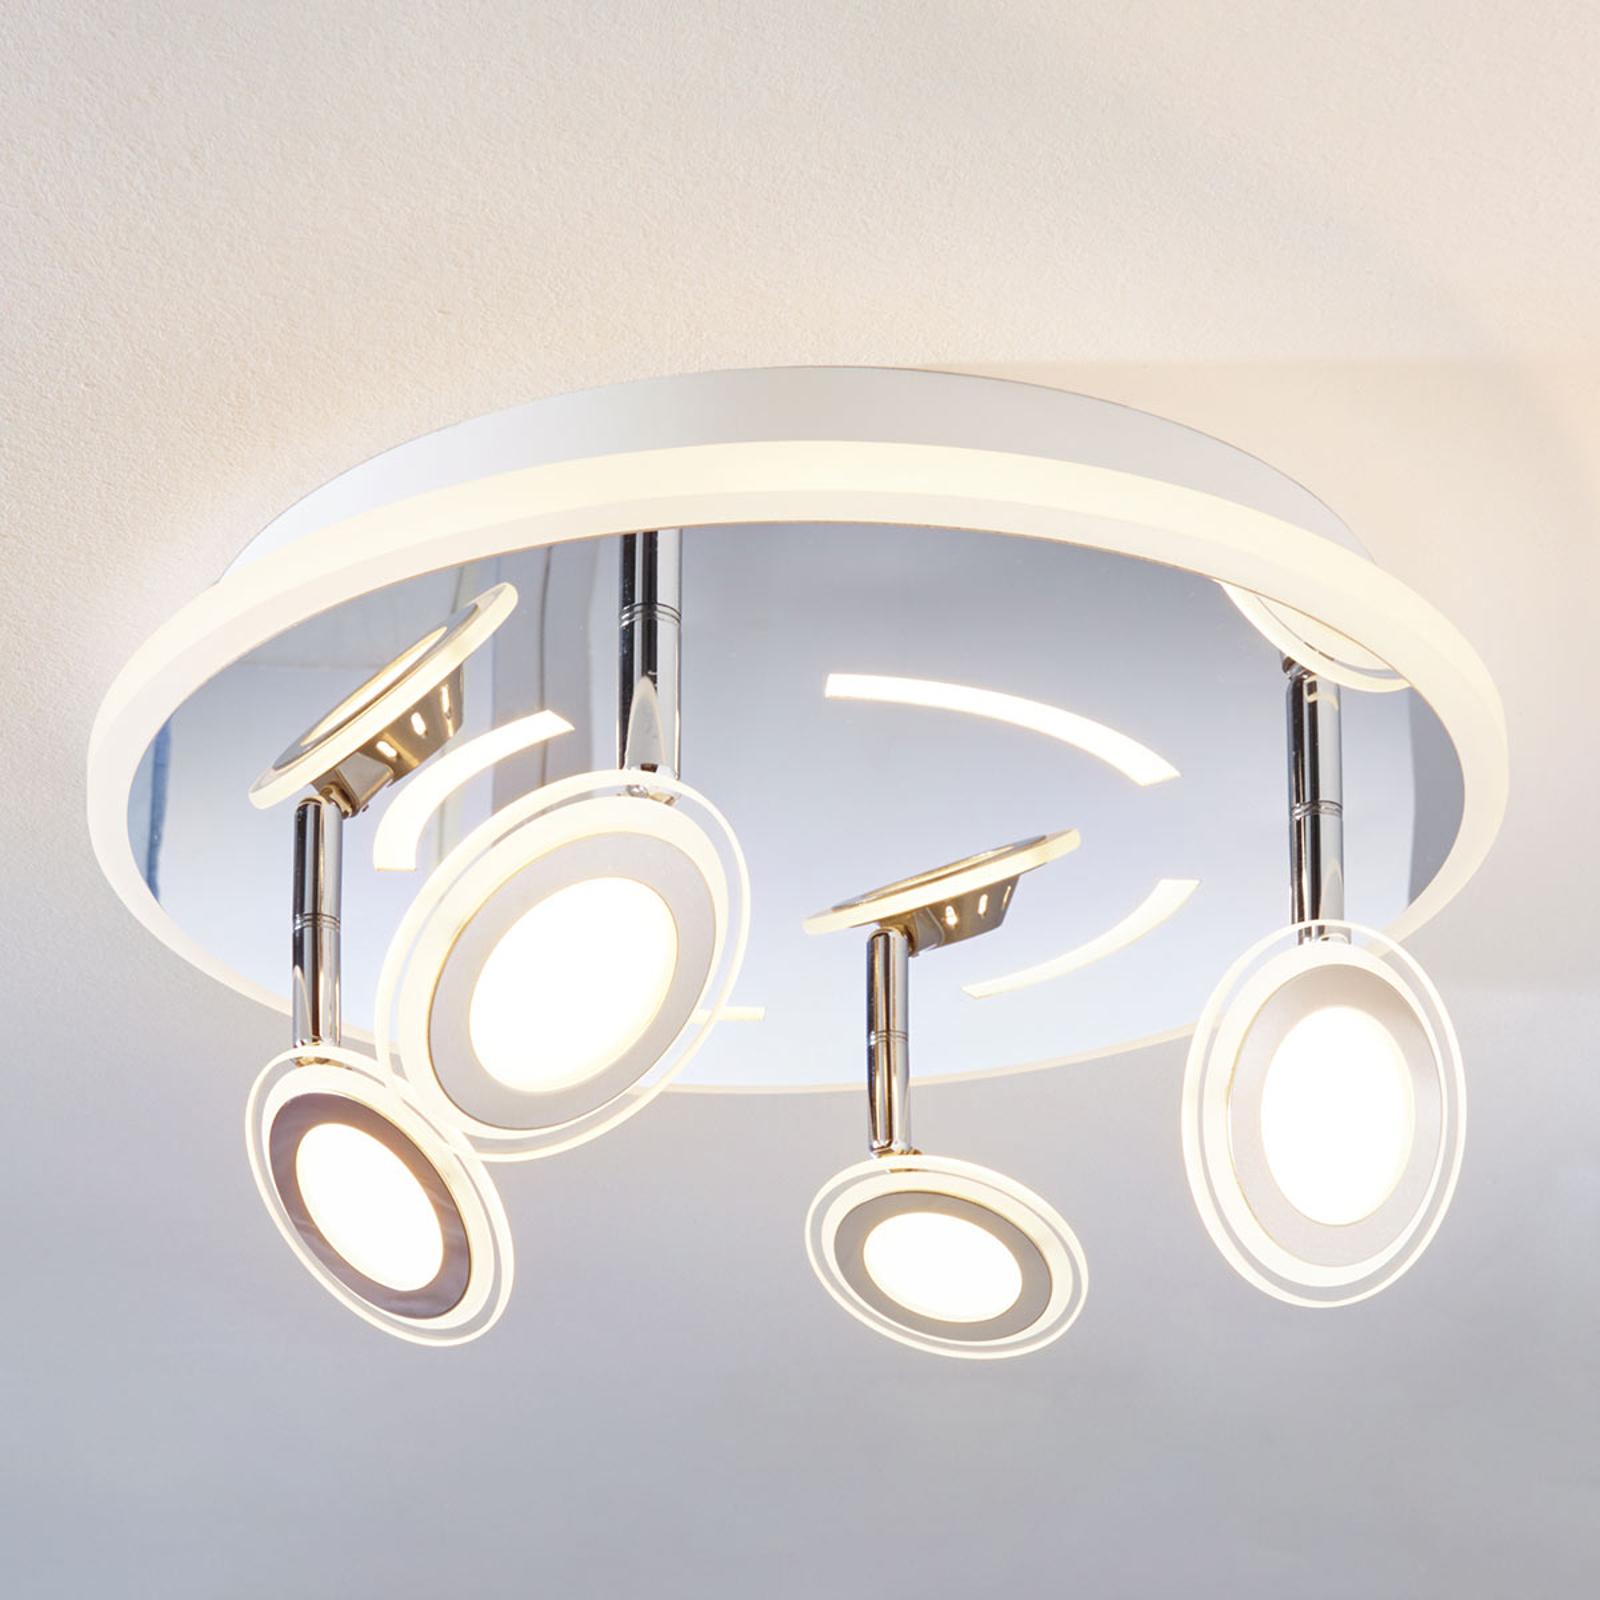 LED-Deckenleuchte Enissa, rund, 4-flammig